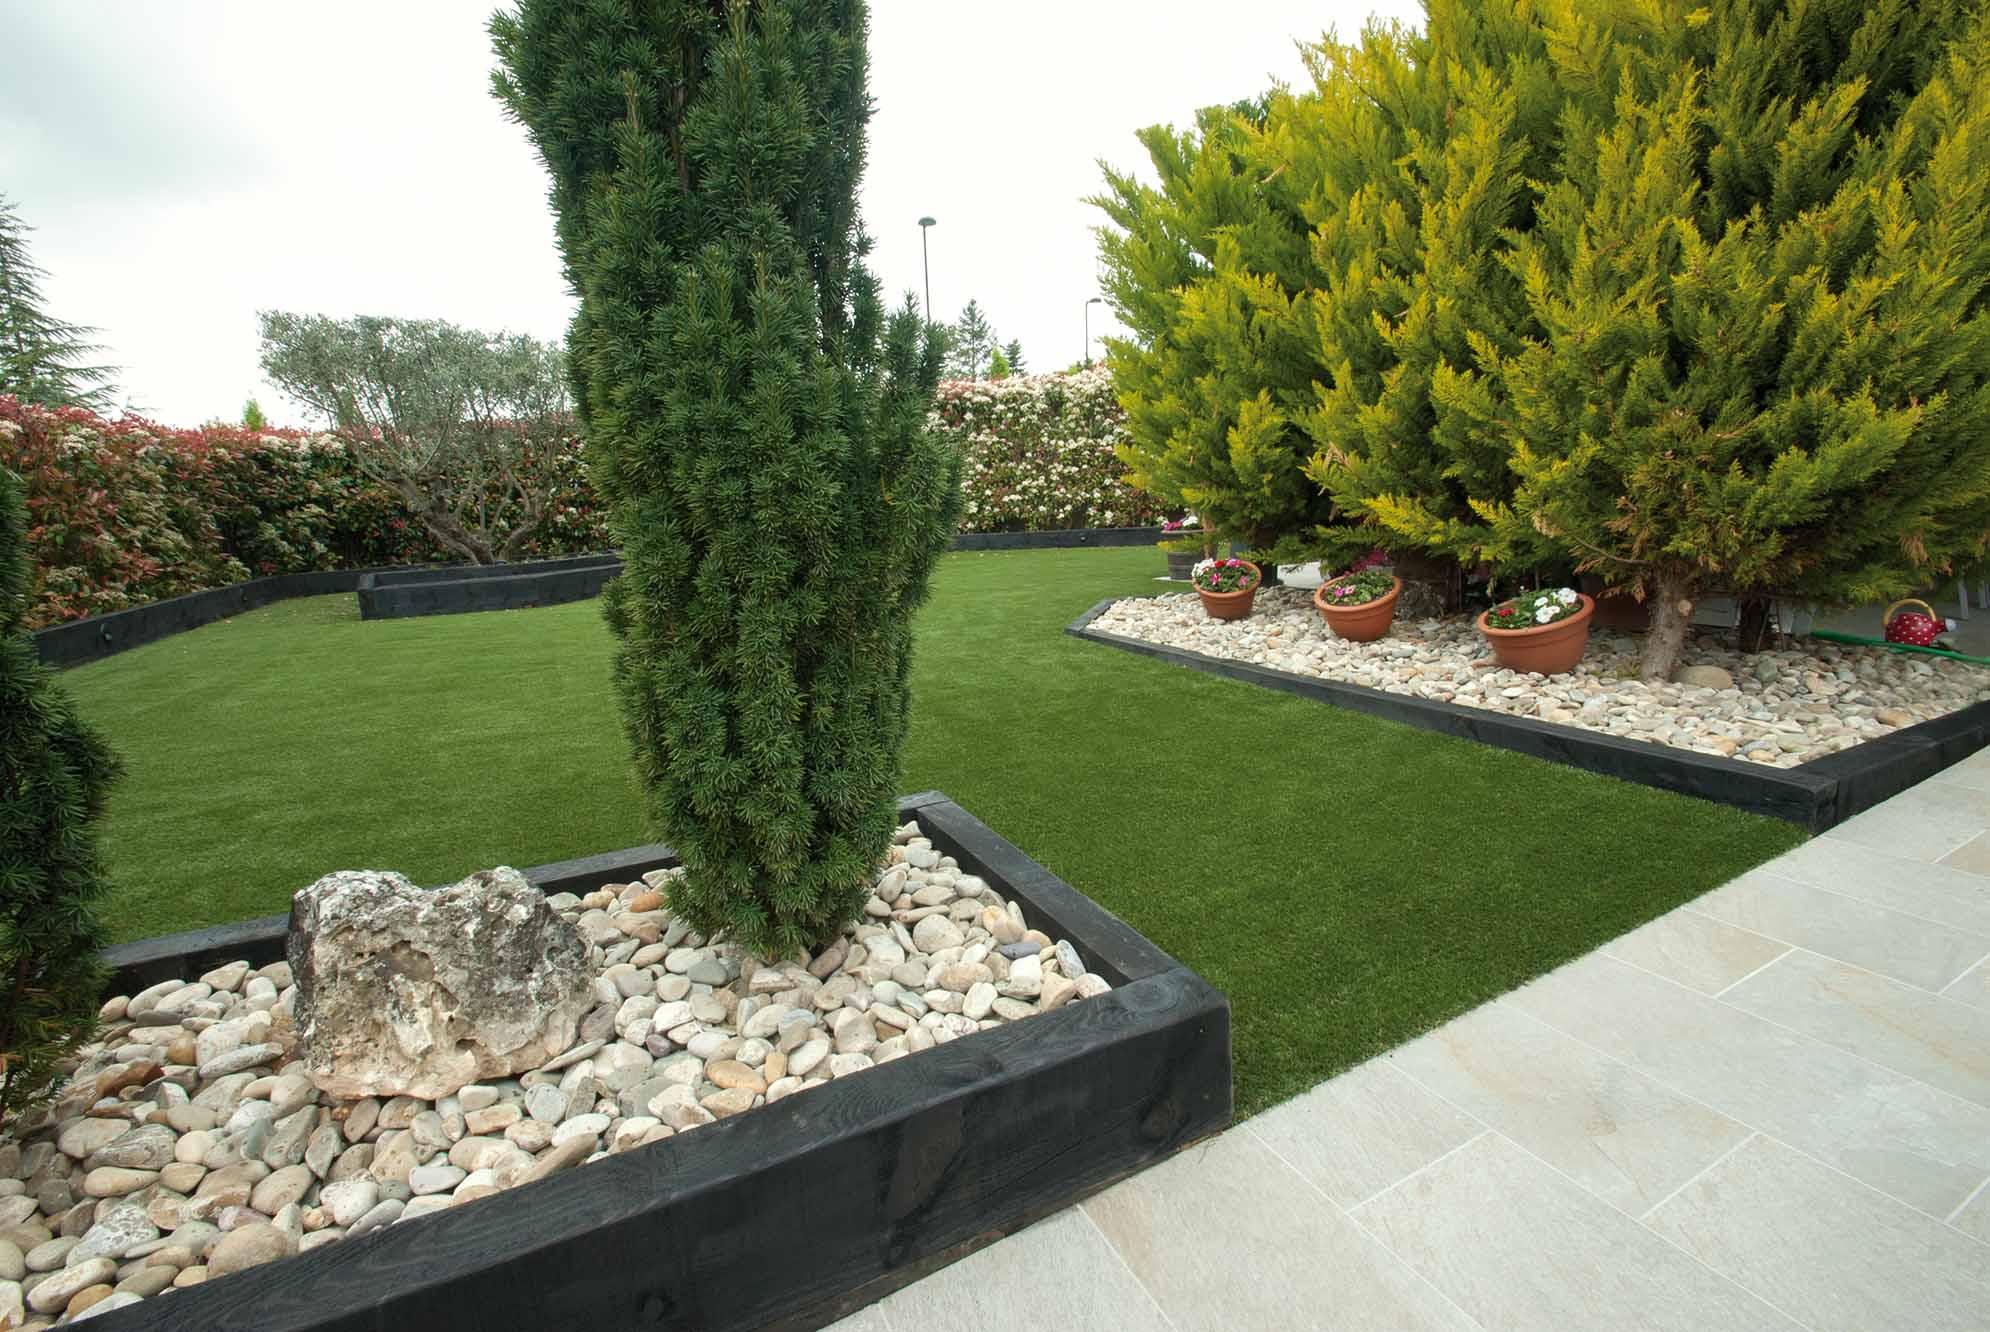 jardin-cesped-artificial-traviesas-aridos2